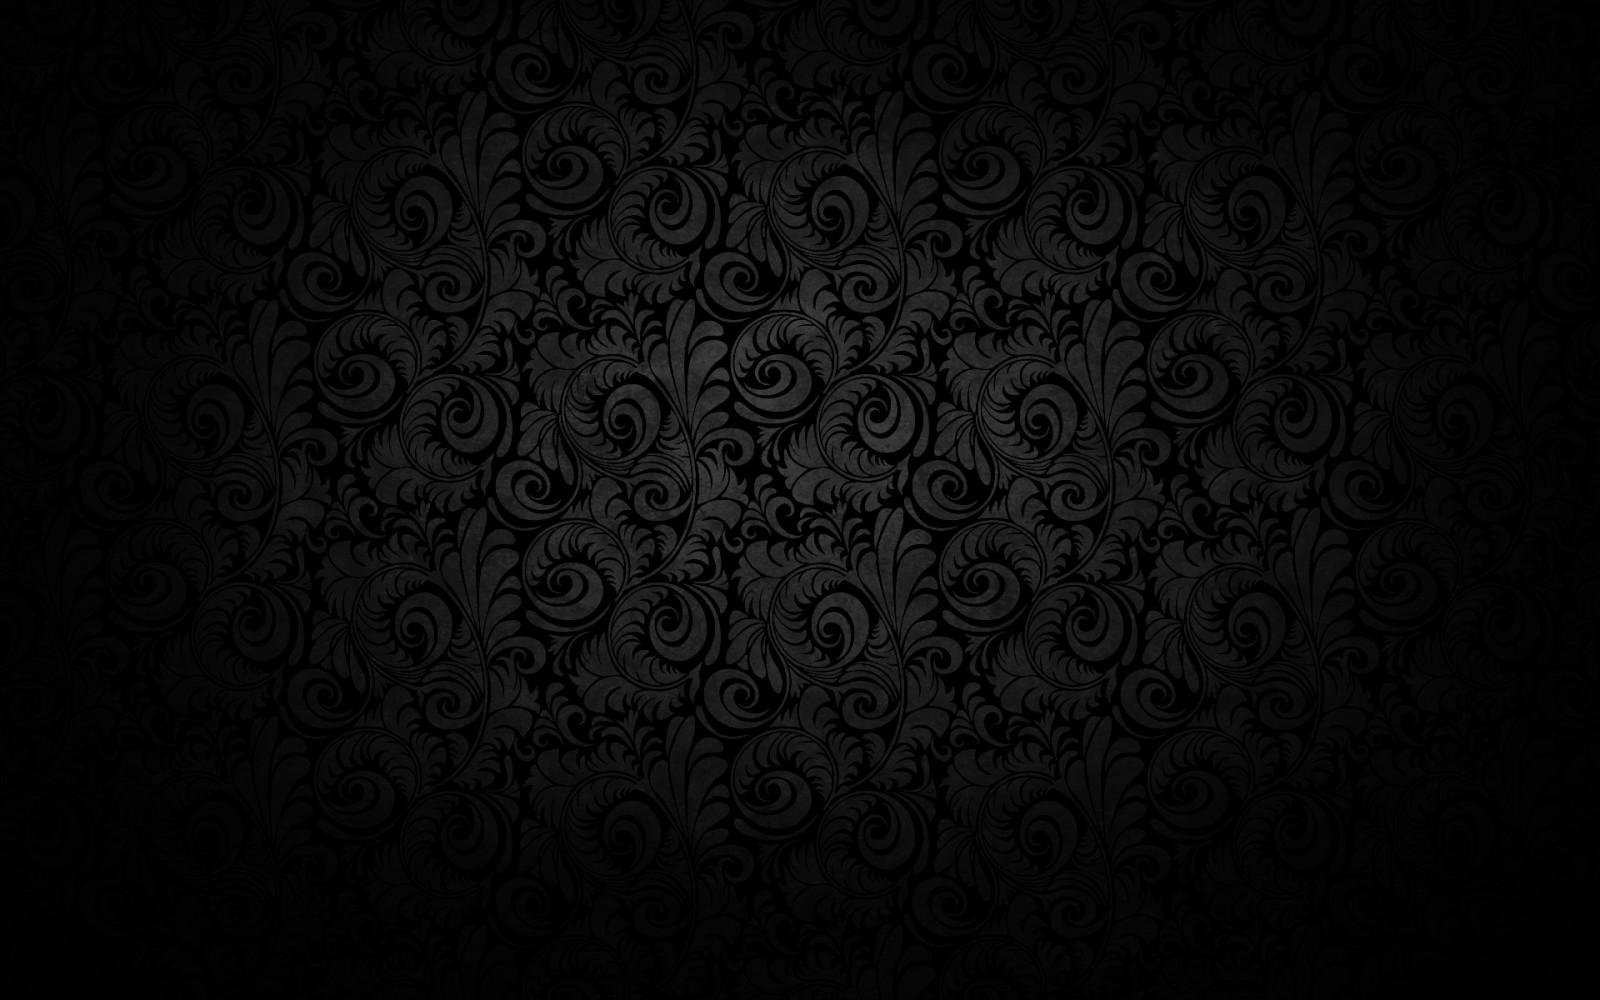 Papel De Parede Preto Alta Resolução Baixar: Papel De Parede : Fundo Preto, Padronizar, Luz, Textura